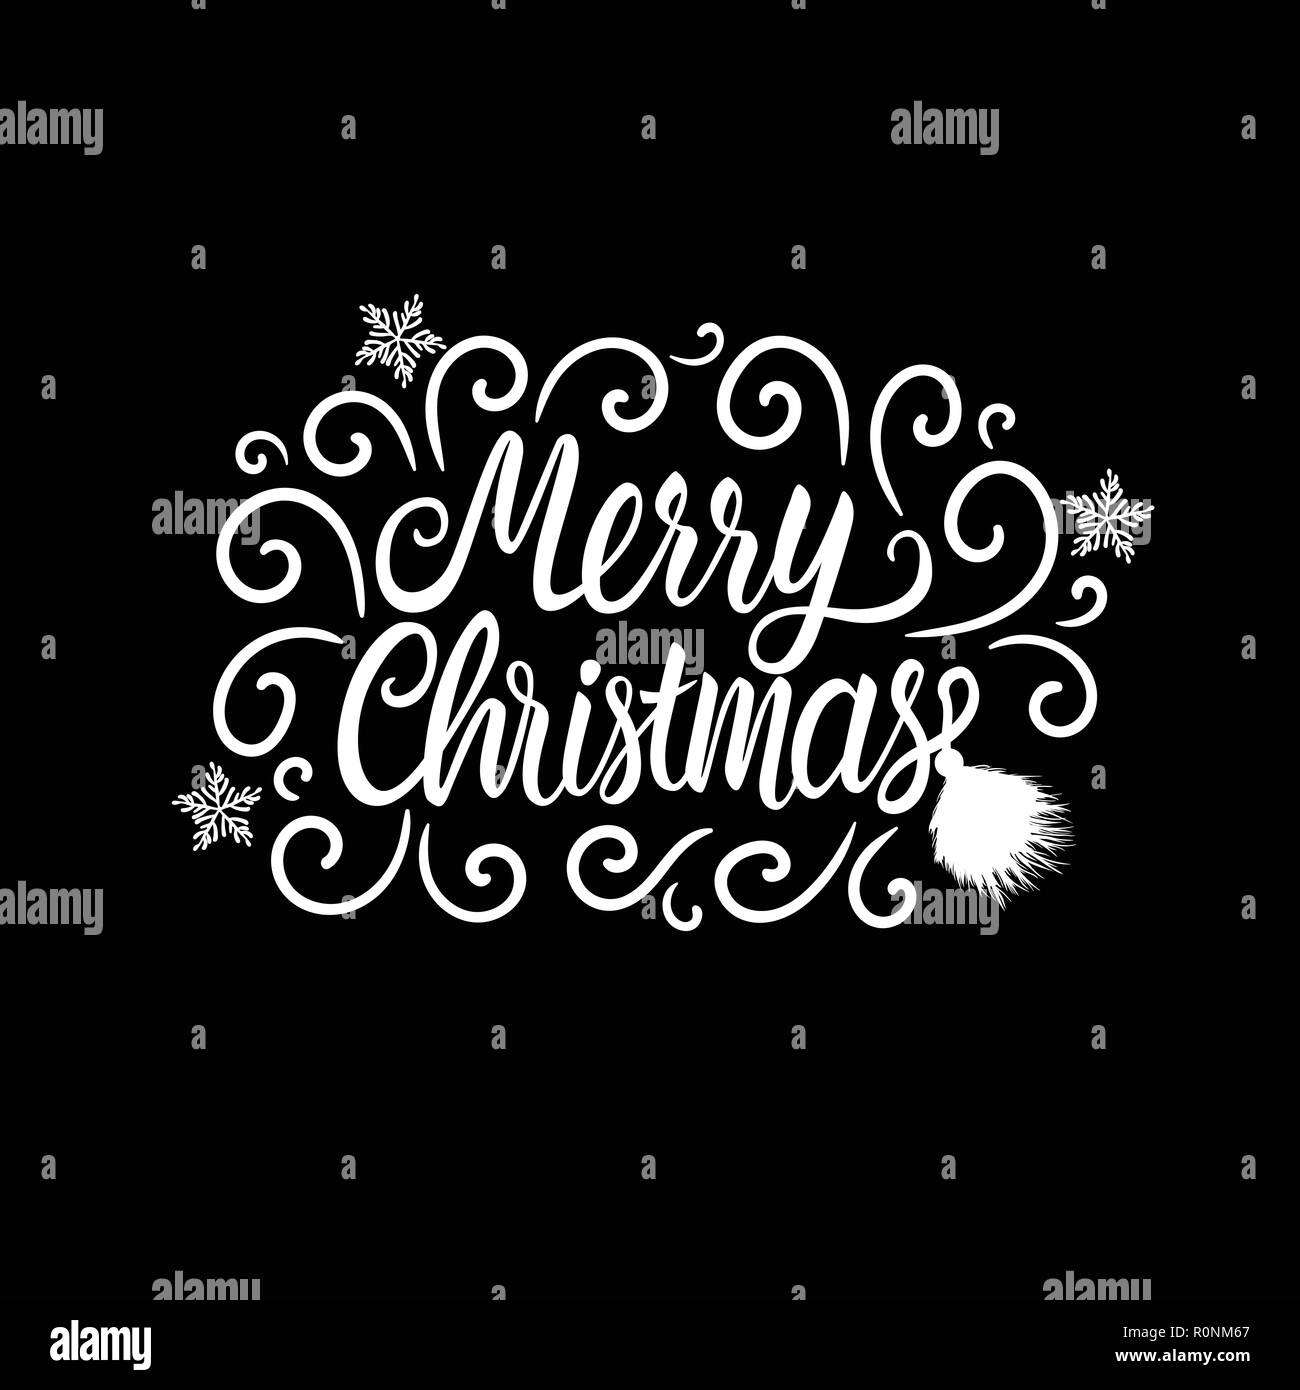 Frohe Weihnachten Text Karte.Aufschrift Frohe Weihnachten Schriftzug Karte Mit Frostigen